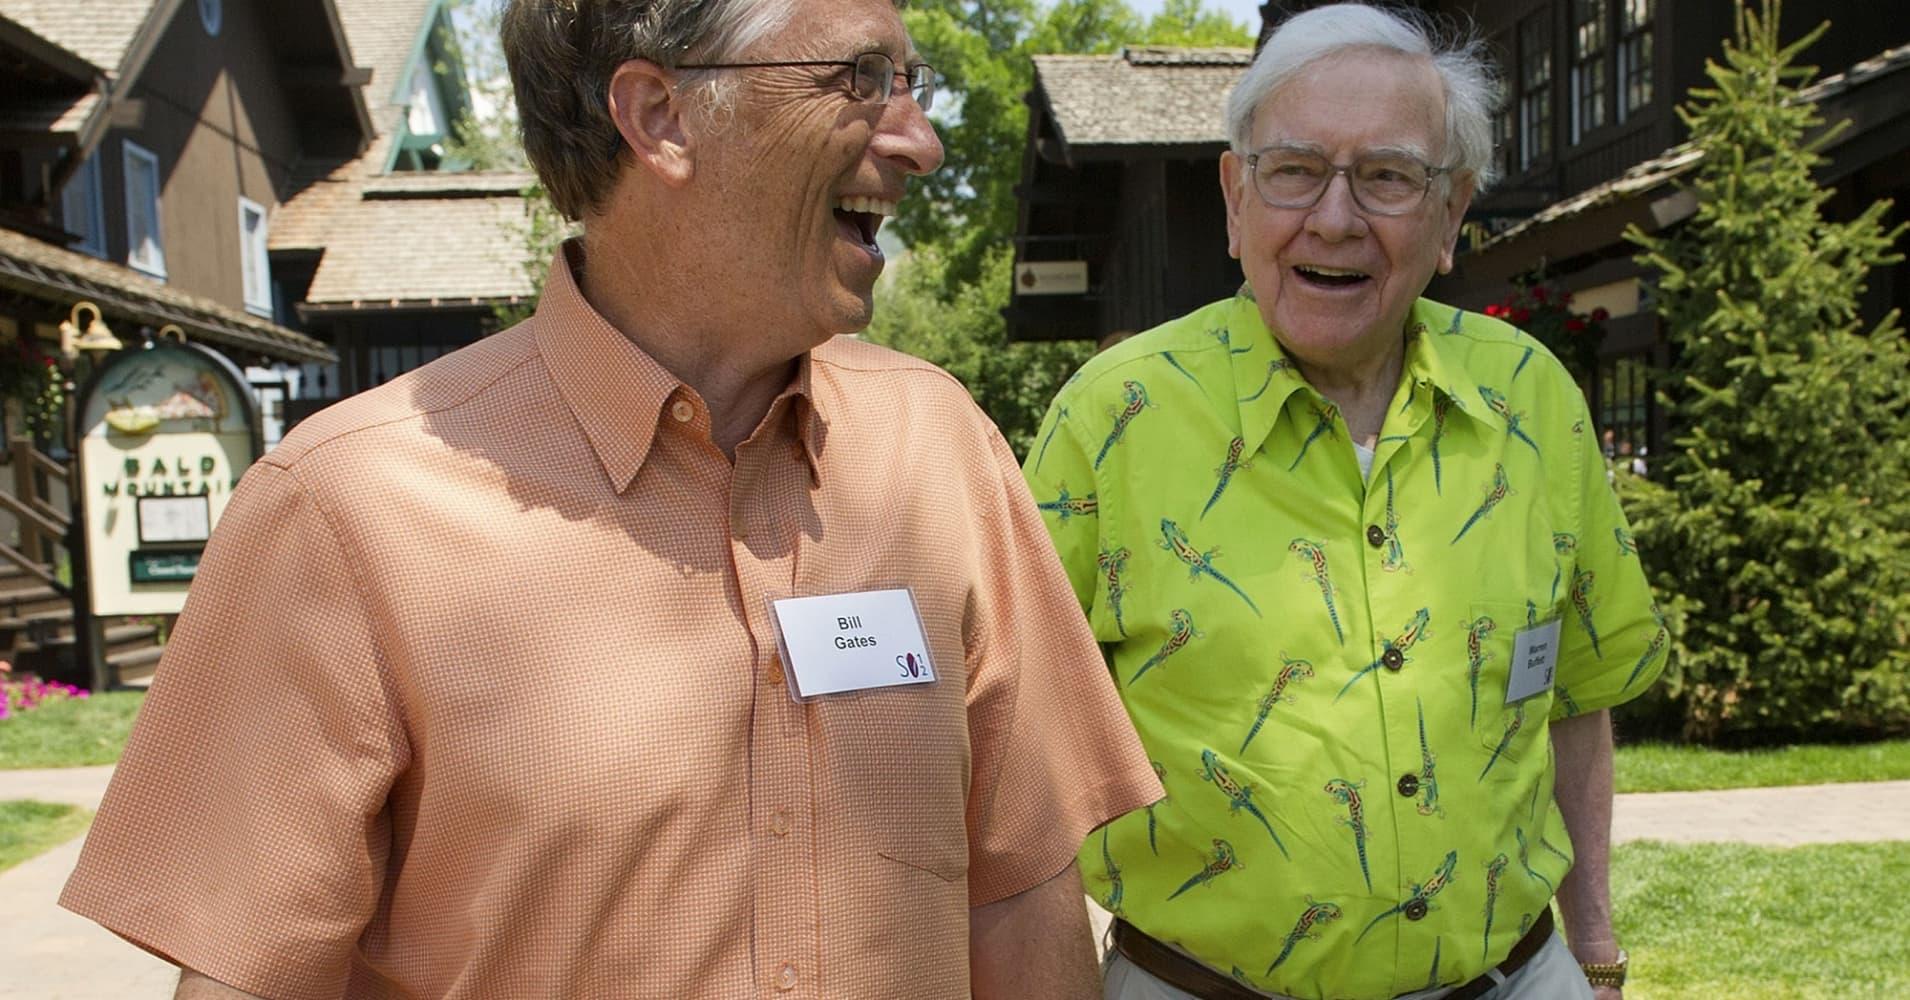 How Bill Gates And Warren Buffett Met